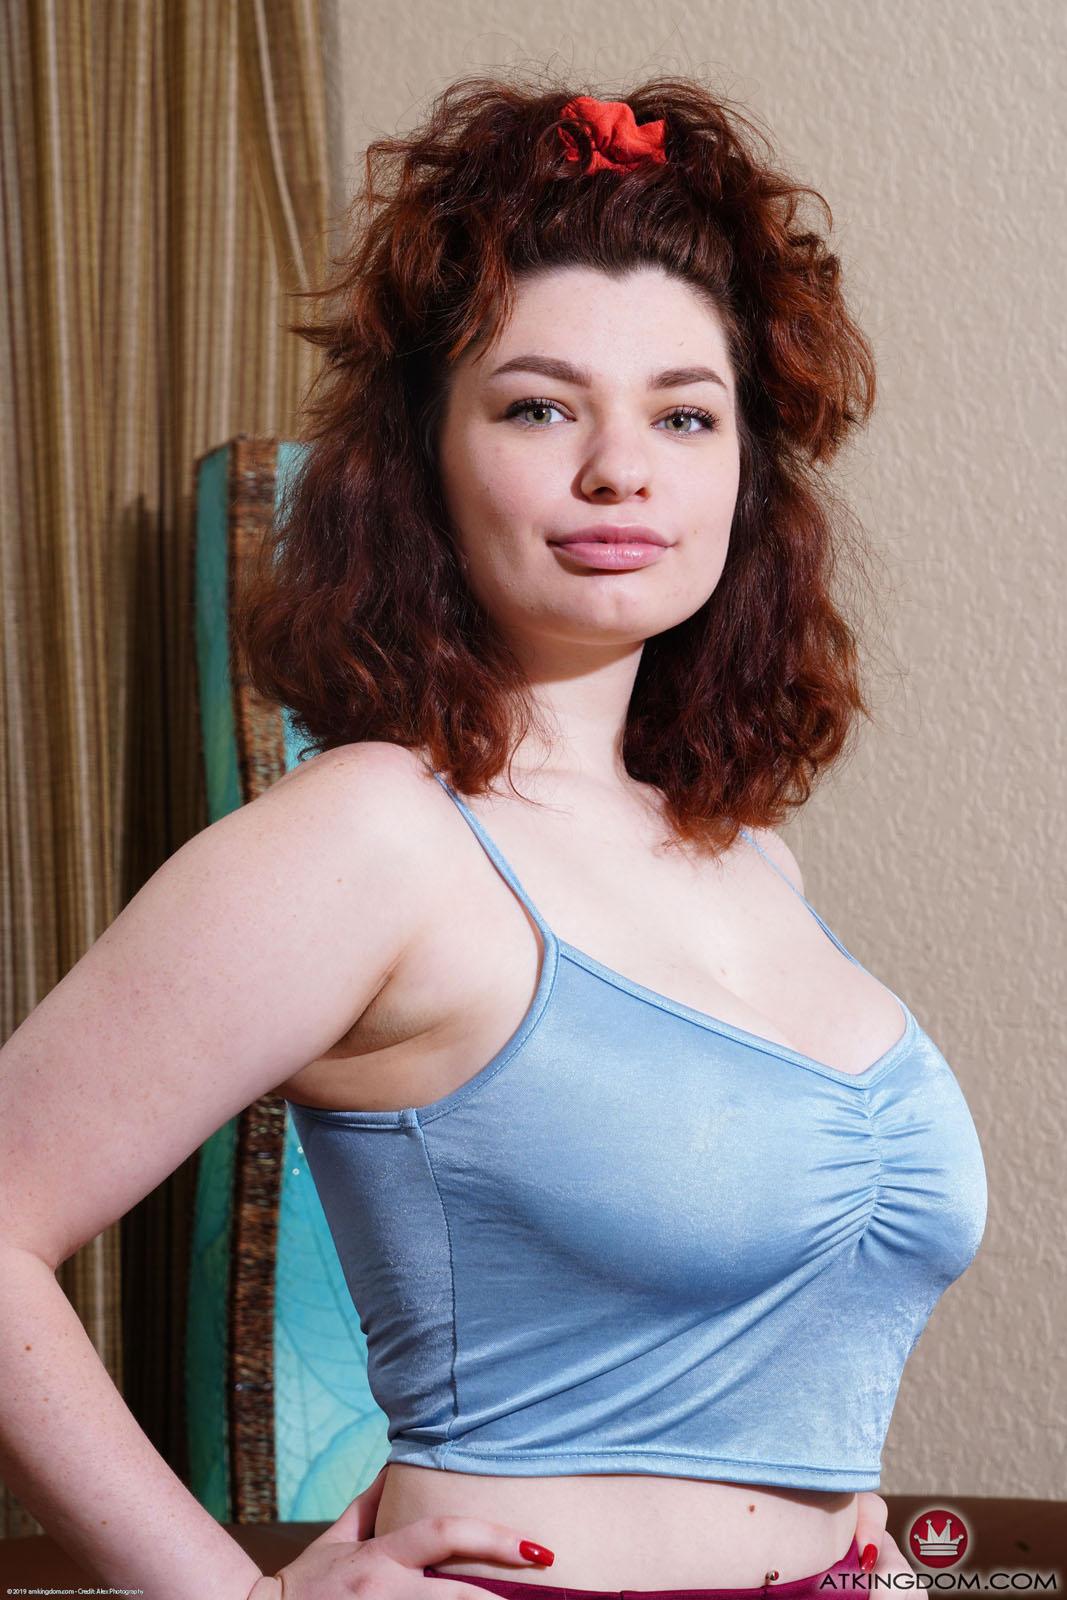 Anabel Porno anabel redd busty redhead amkingdom - curvy erotic